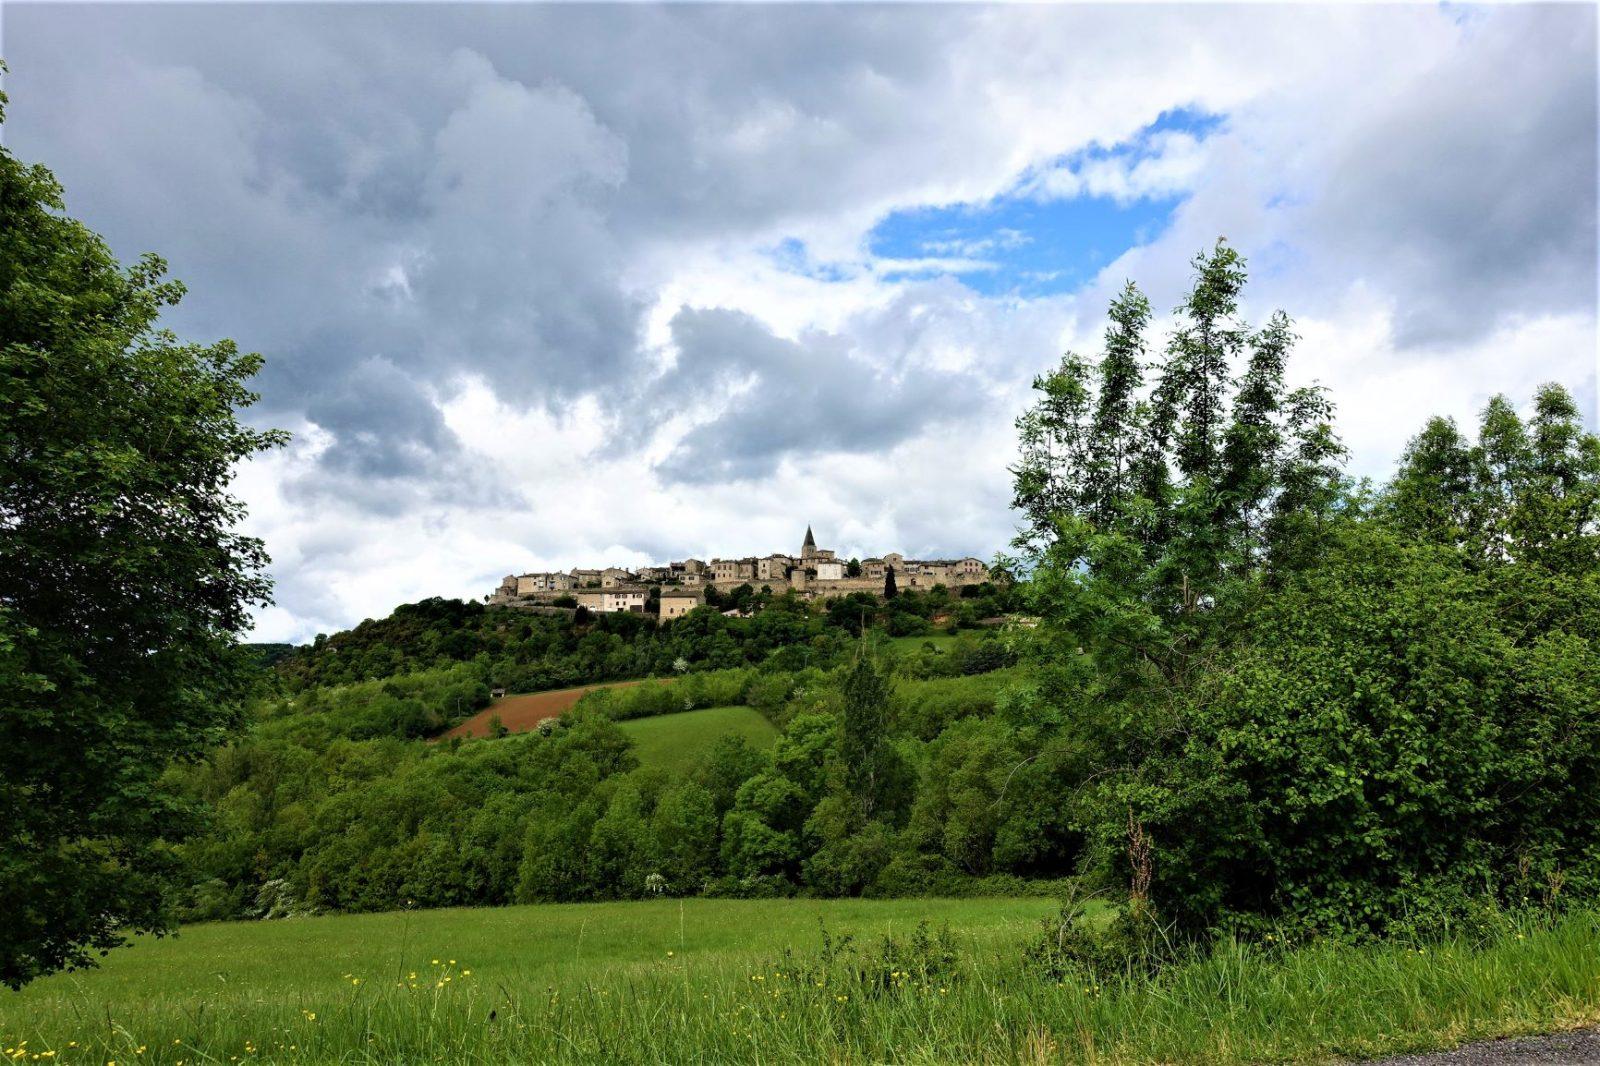 En vakker by oppe i åsen på den franske landsbygda